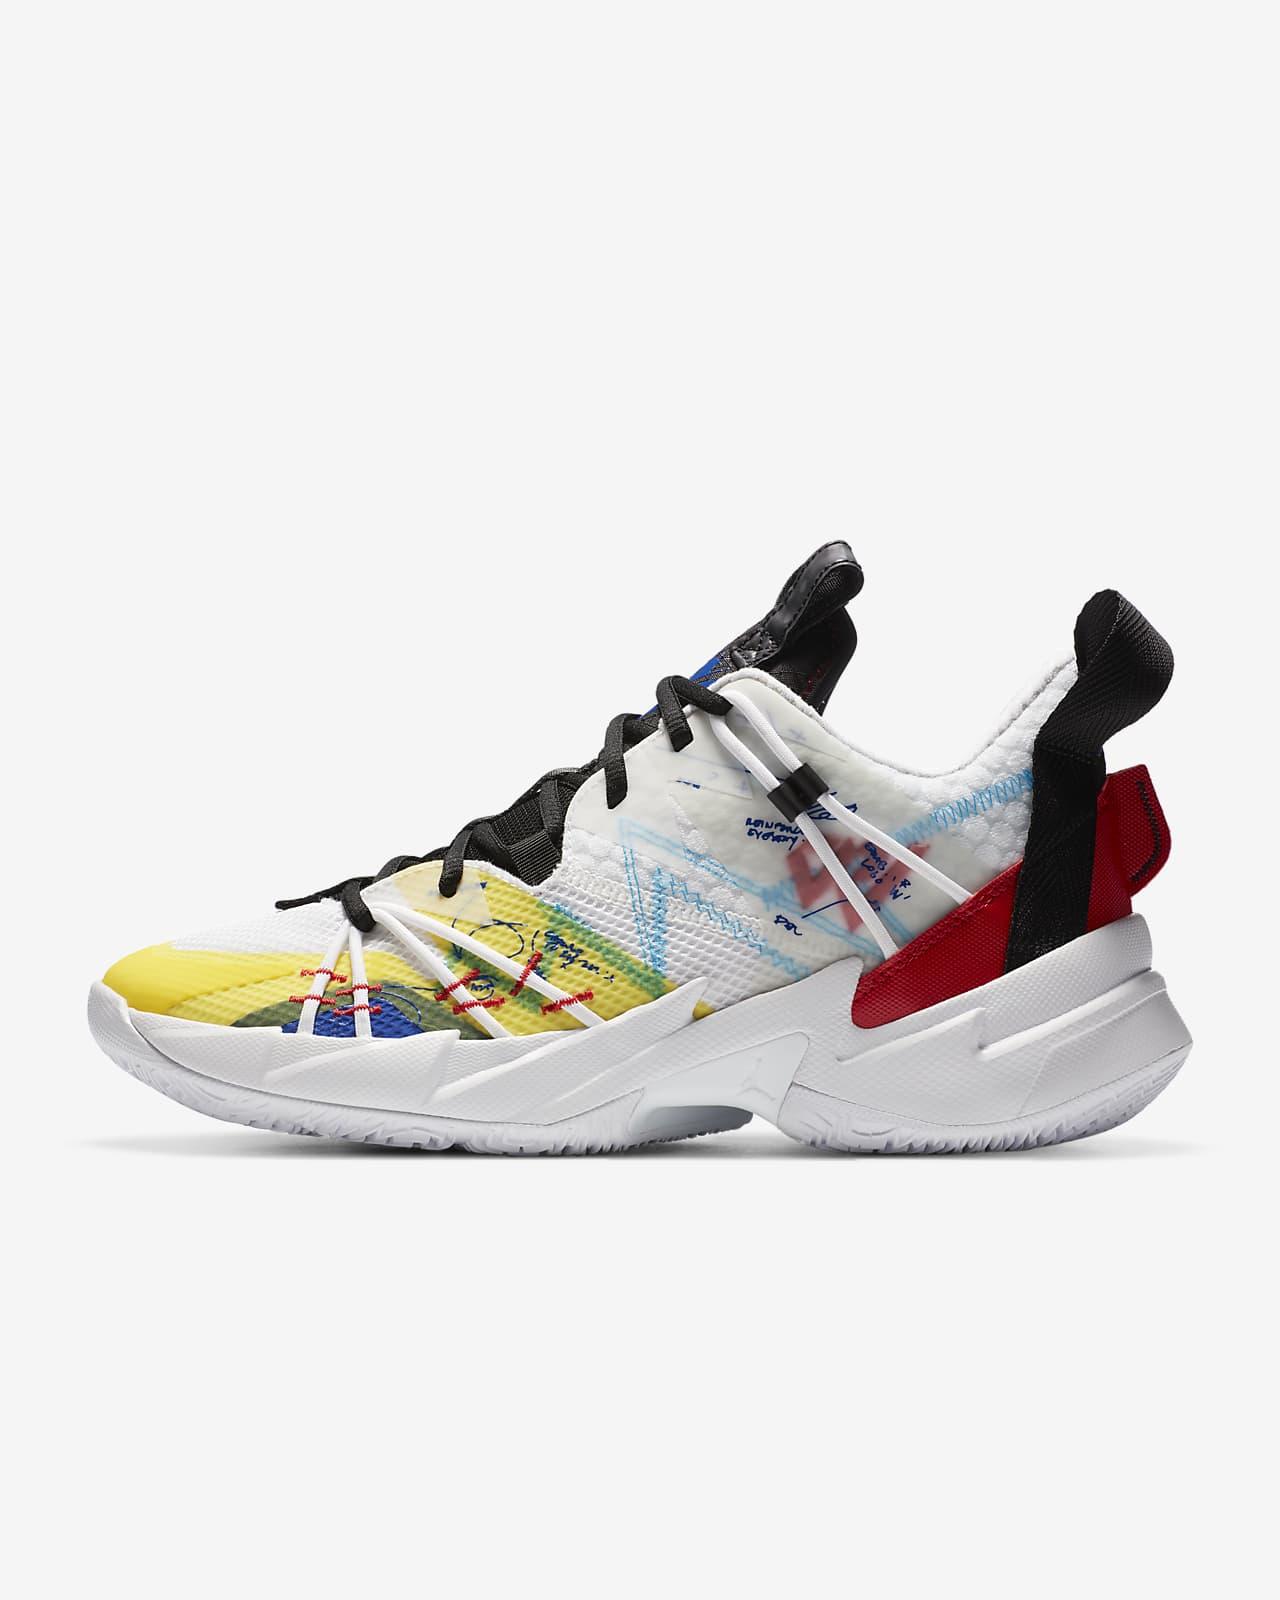 Chaussure de basketball Jordan « Why Not? » Chaussure de basketball Zer0.3 SE pour Homme